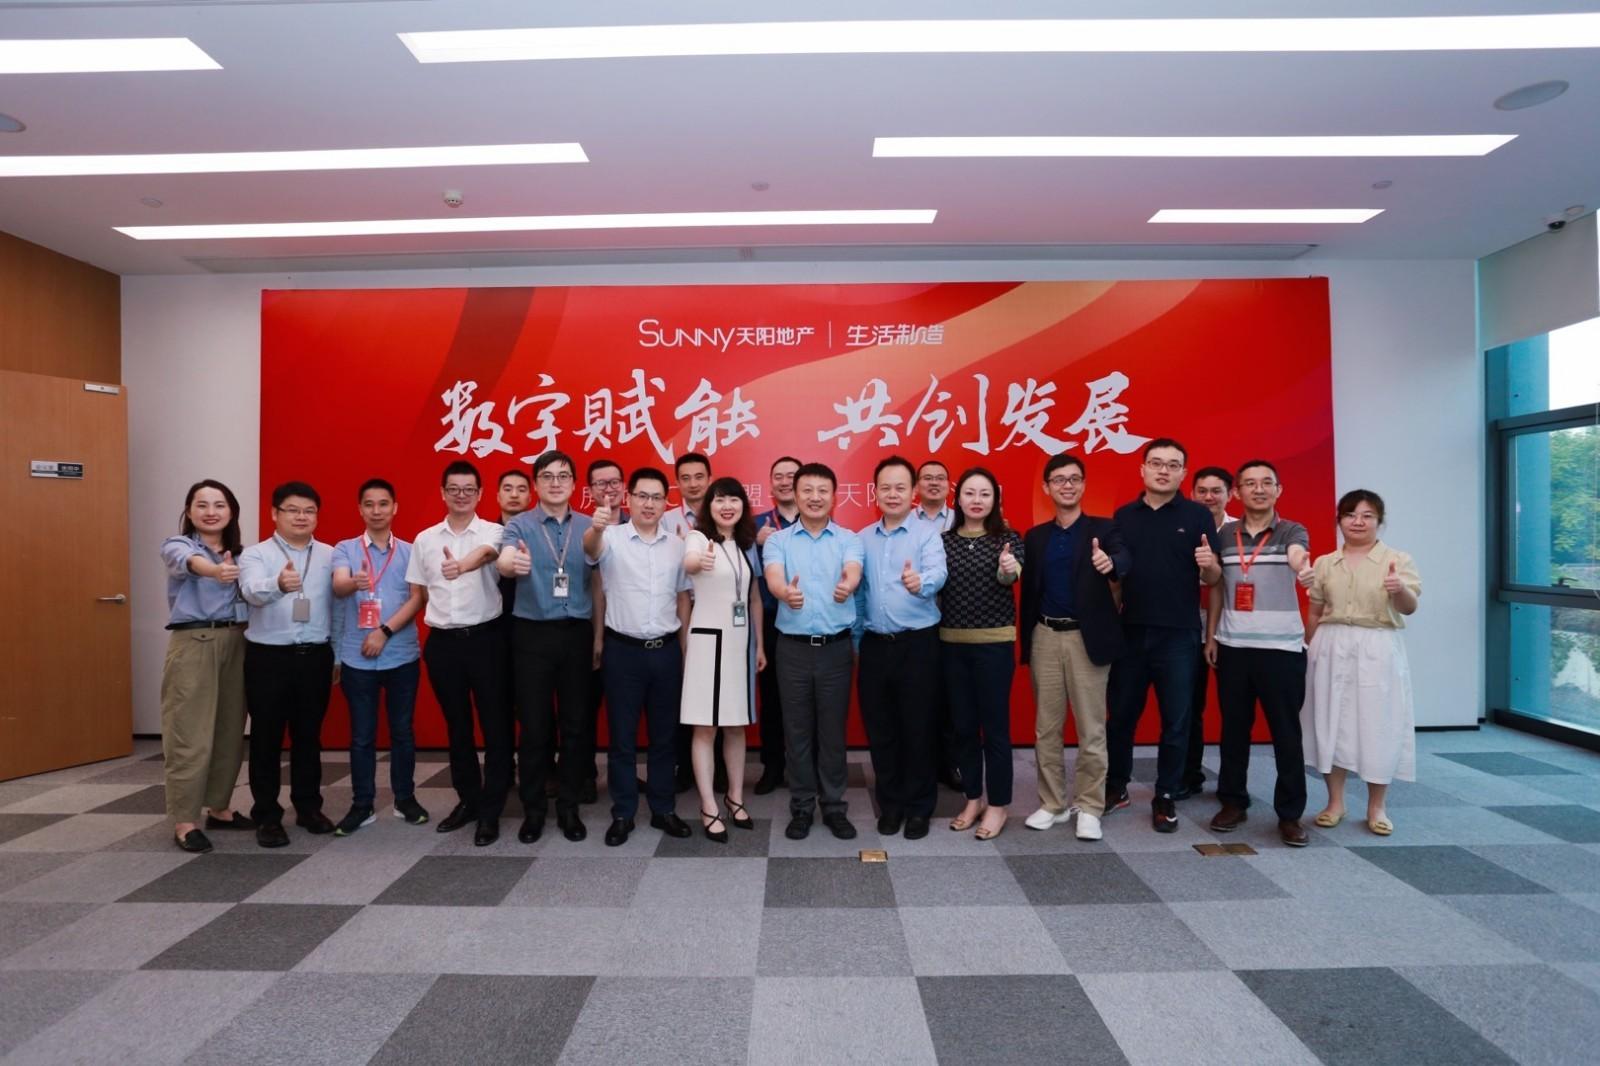 近20家房企CIO汇聚杭州 共探数字化赋能智慧地产升级